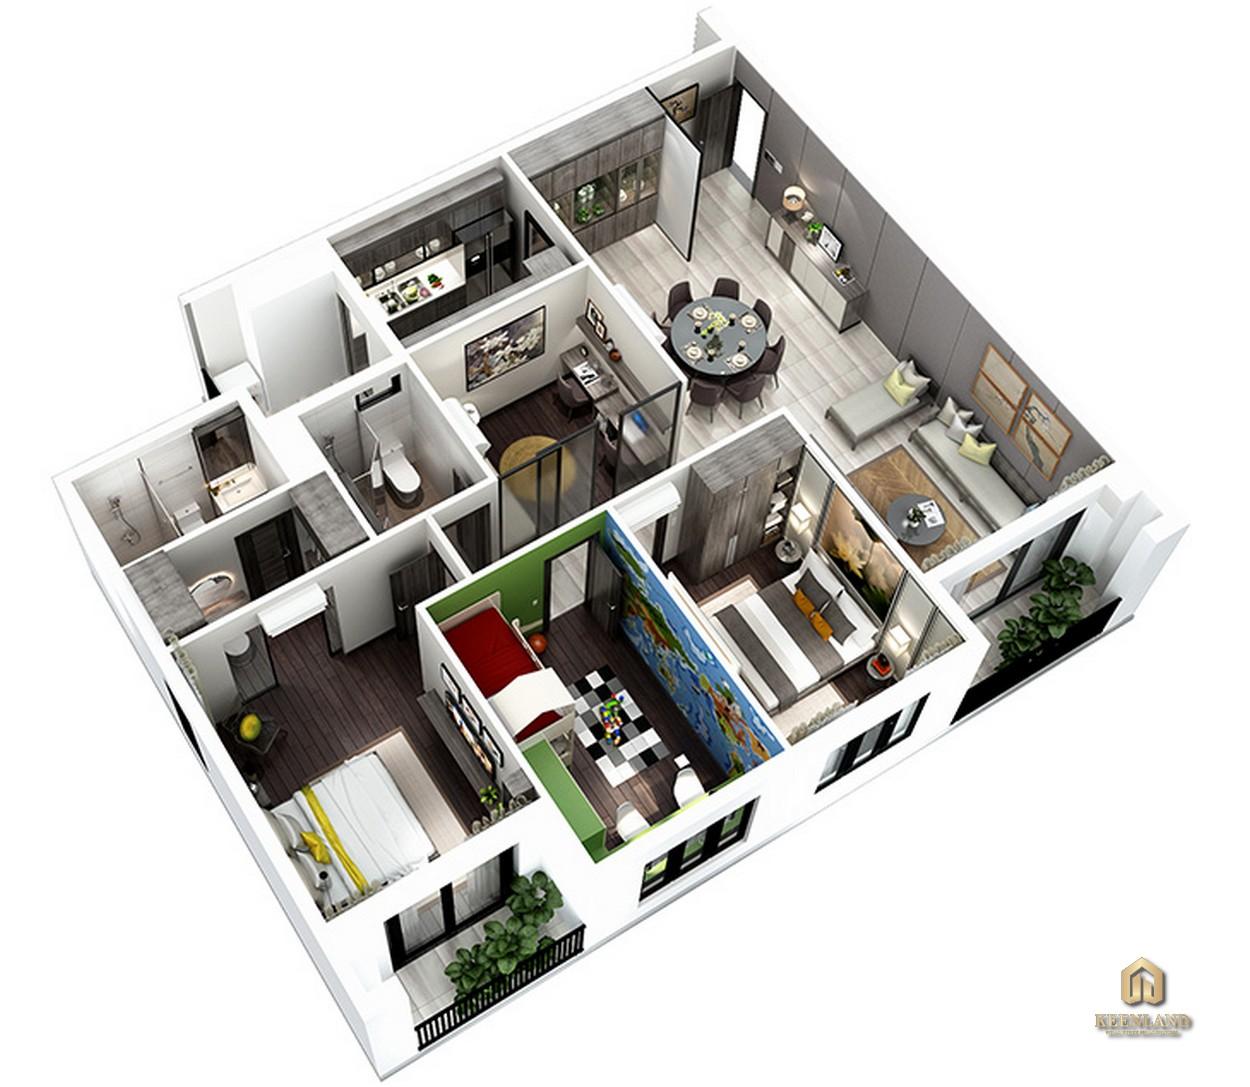 Thiết kế chi tiết căn hộ 3 phòng ngủ và 1 phòng đa năng